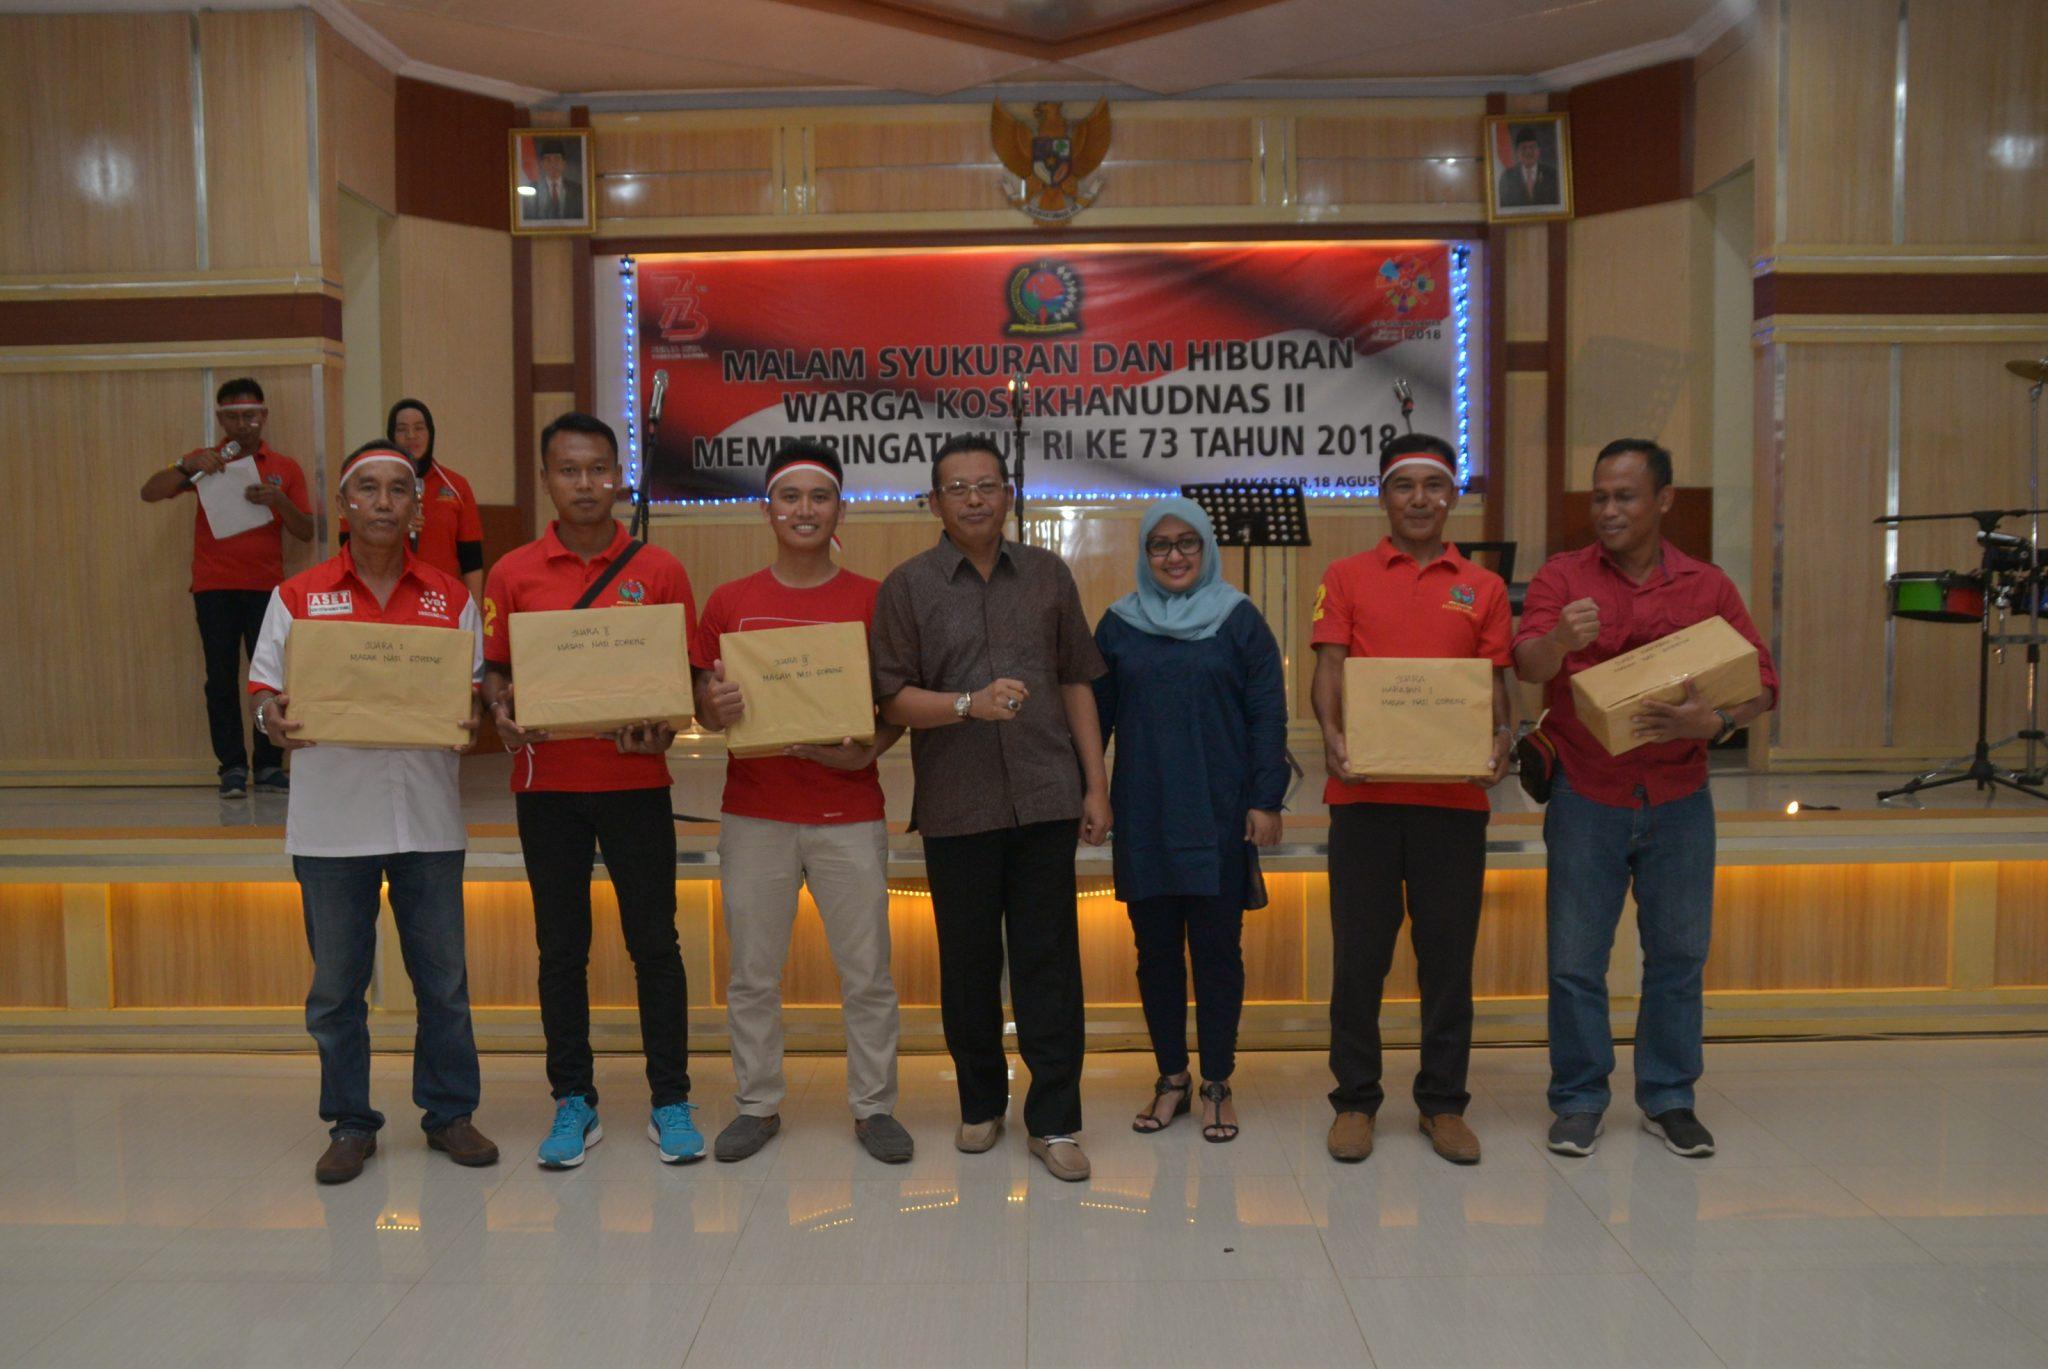 Berbagai Lomba Meriahkan Peringatan HUT RI Ke-73 di Kosekhanudnas II Makassar